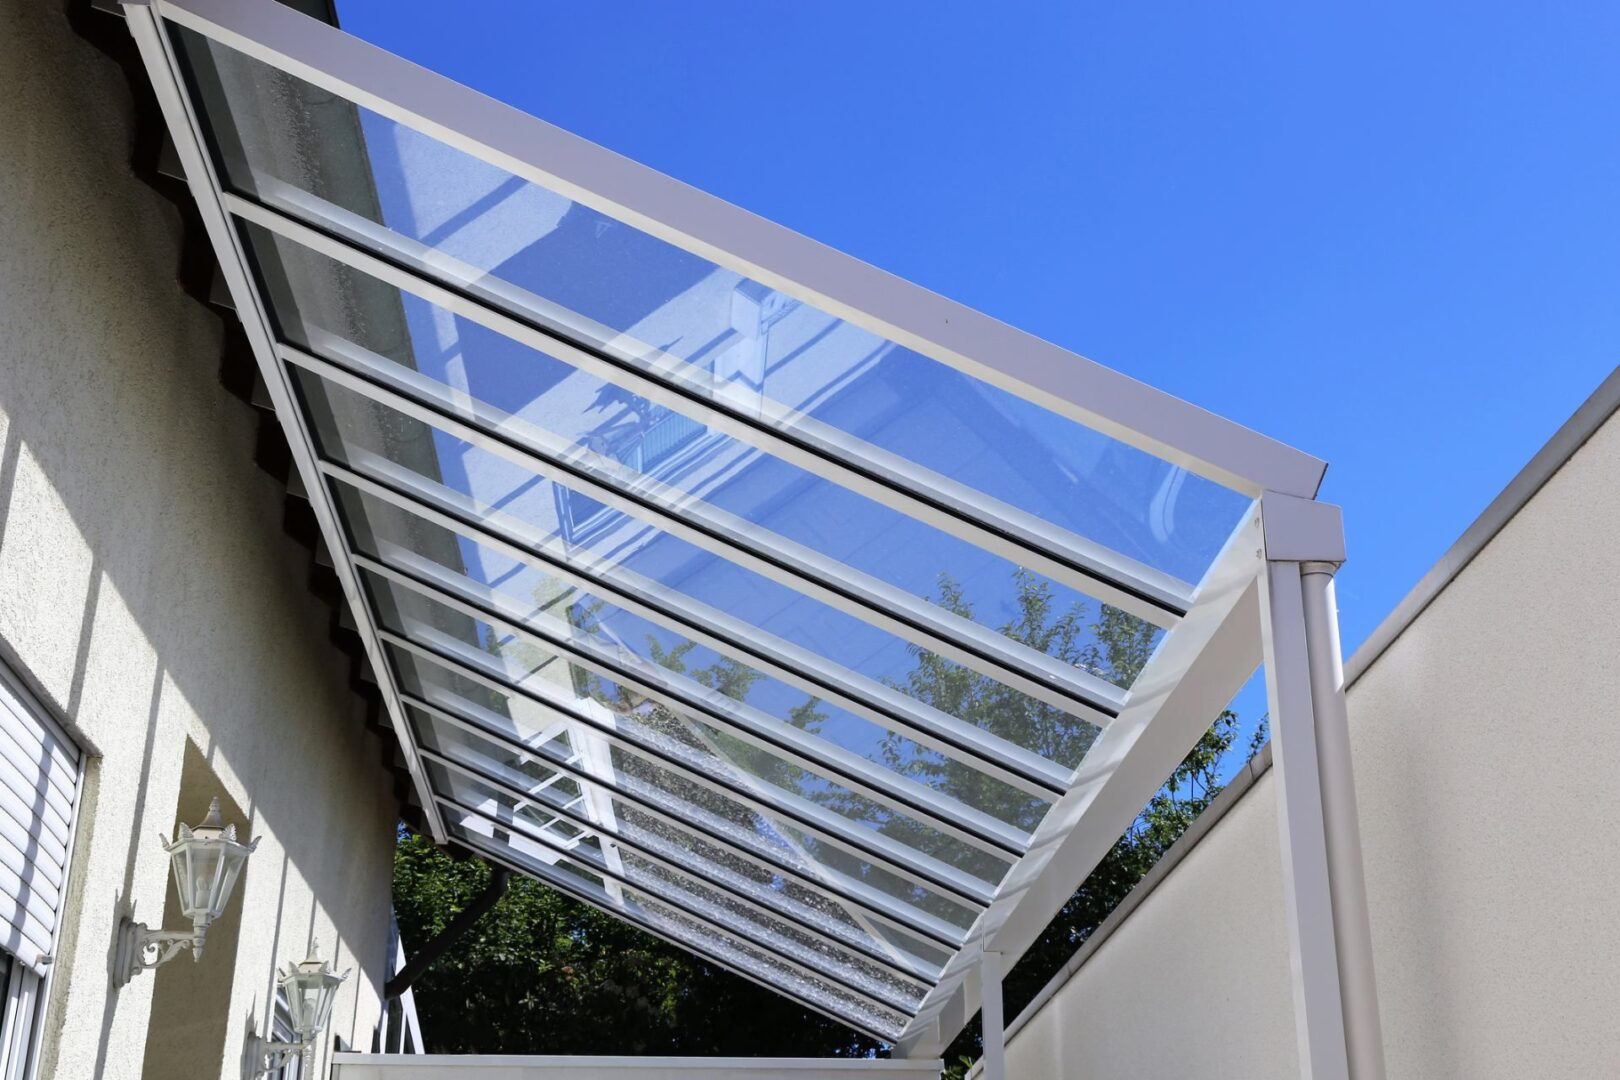 Toldo em policarbonato: quais os benefícios de instalar em seu ambiente?